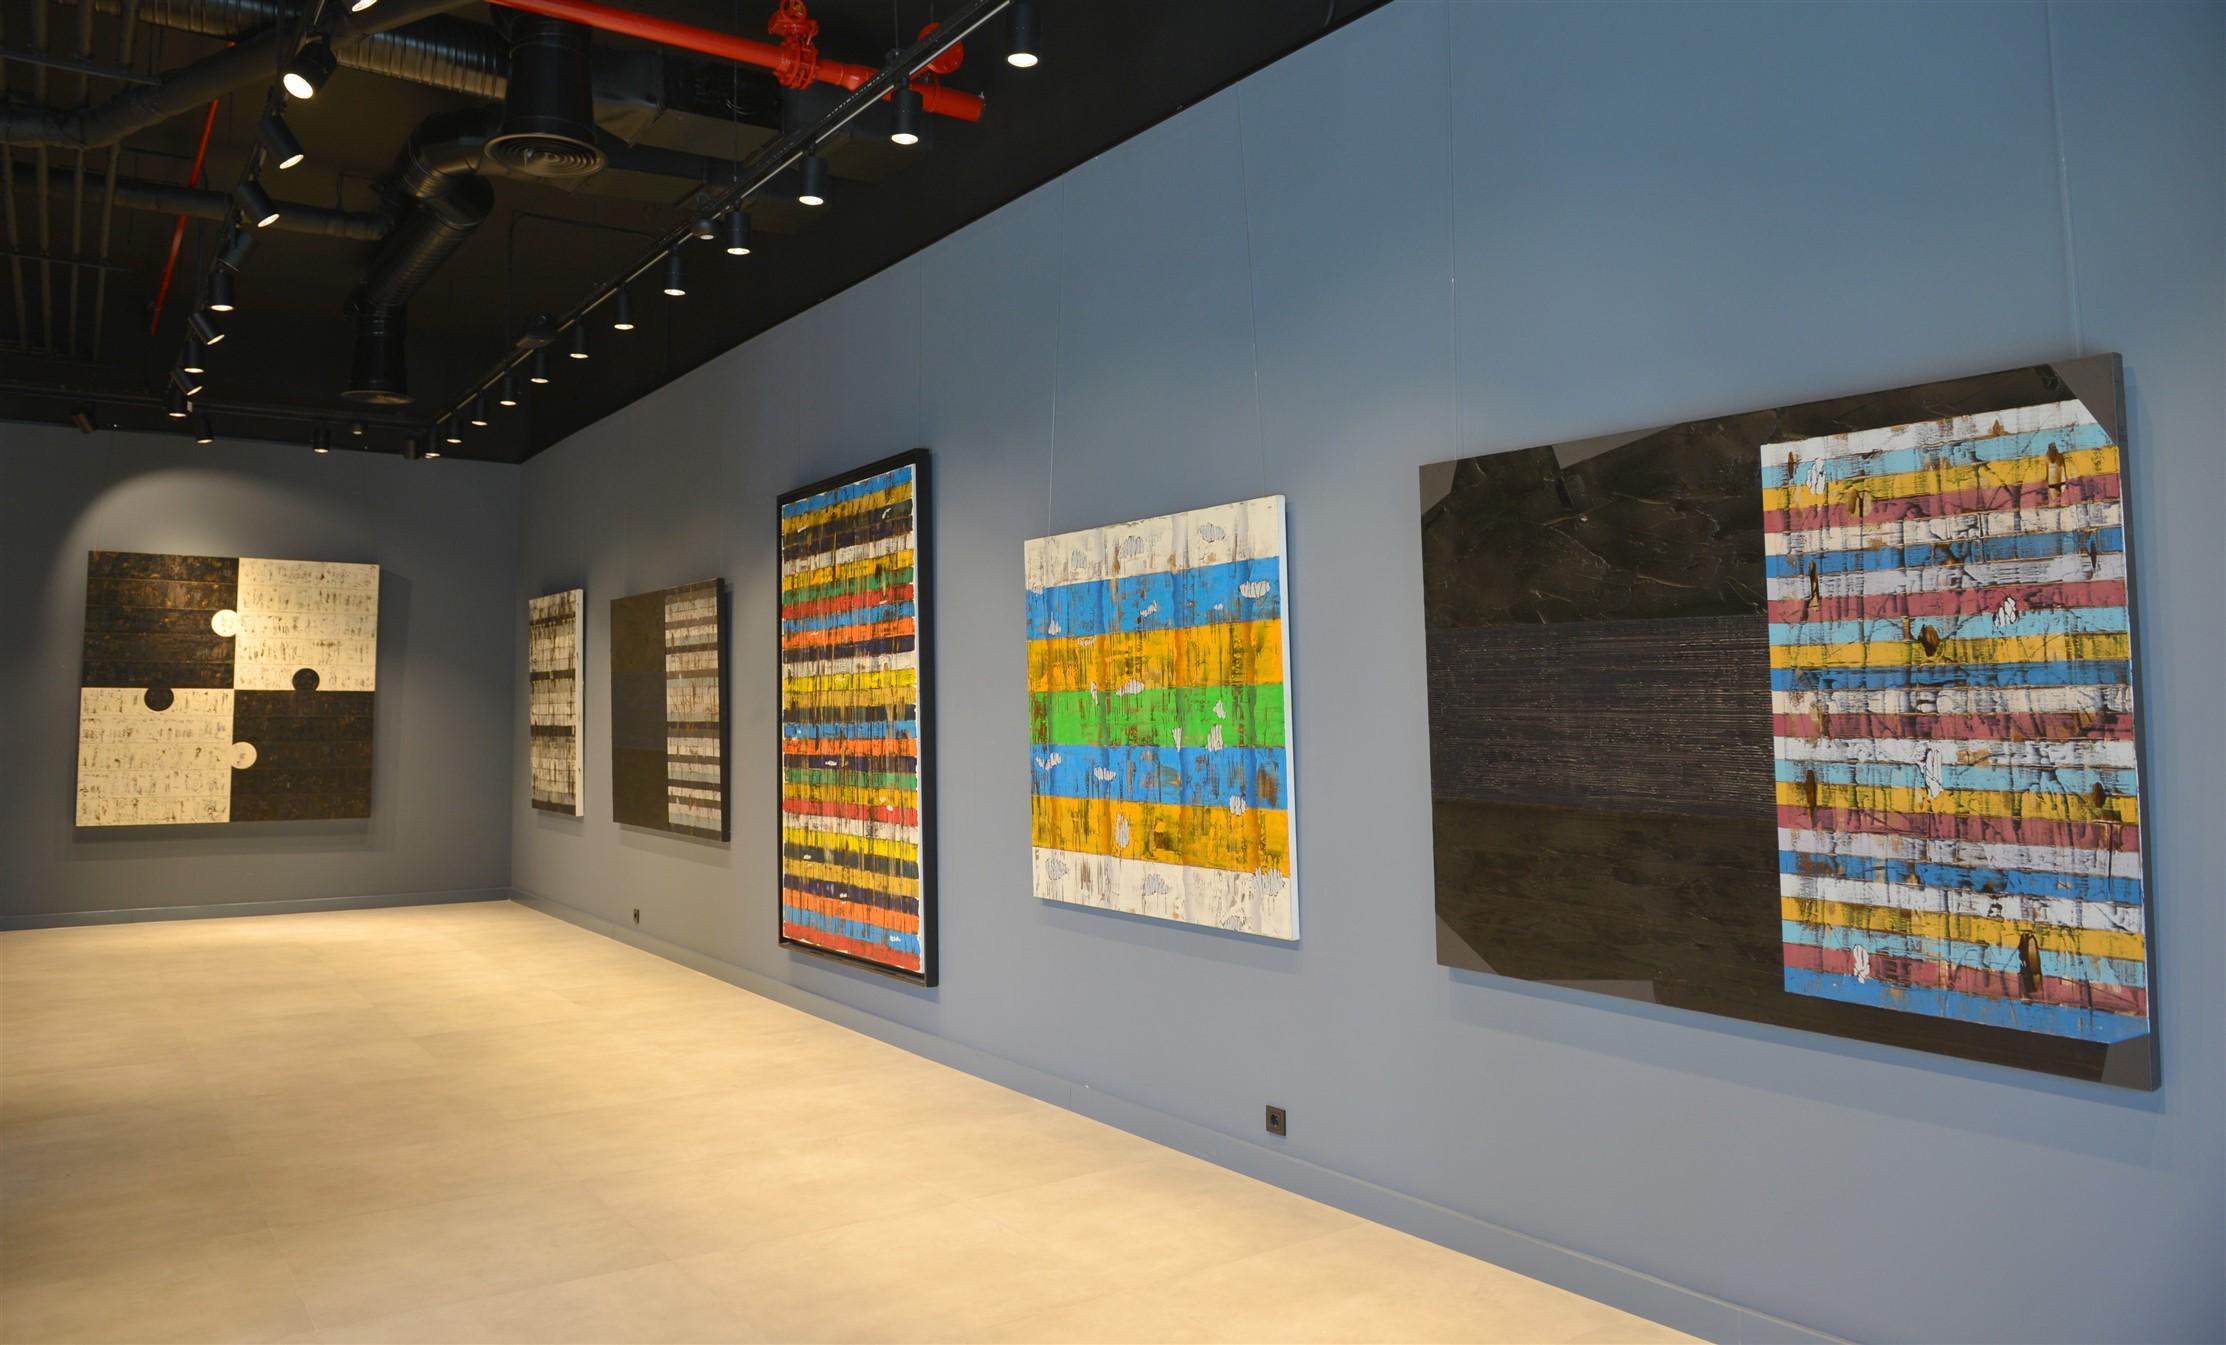 İmgelerin Temsili resim sergisi uzatıldı